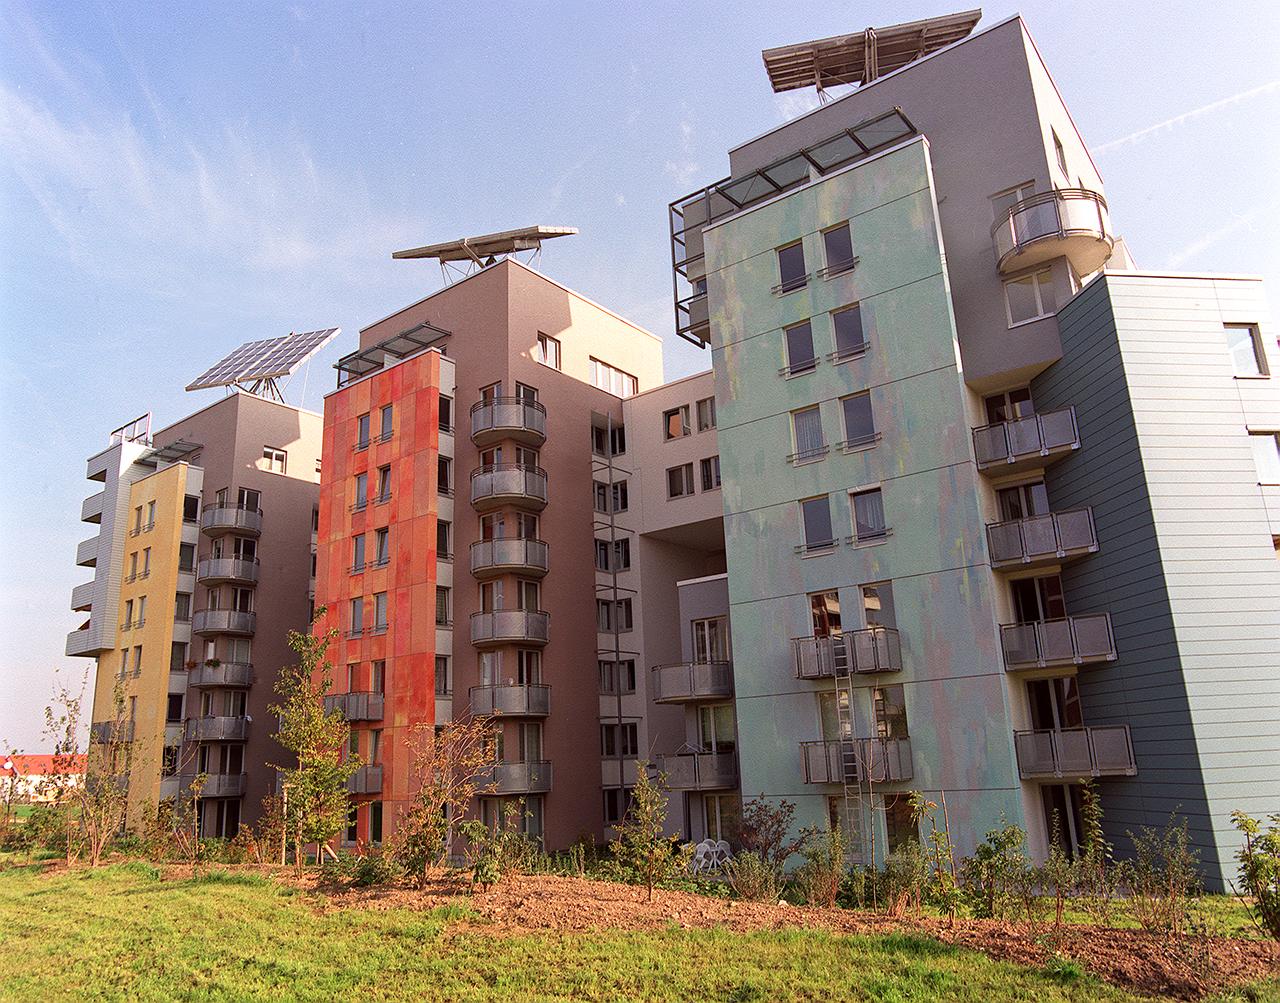 Farbgestaltung Wohnanlage Mainz- Kastel 1997